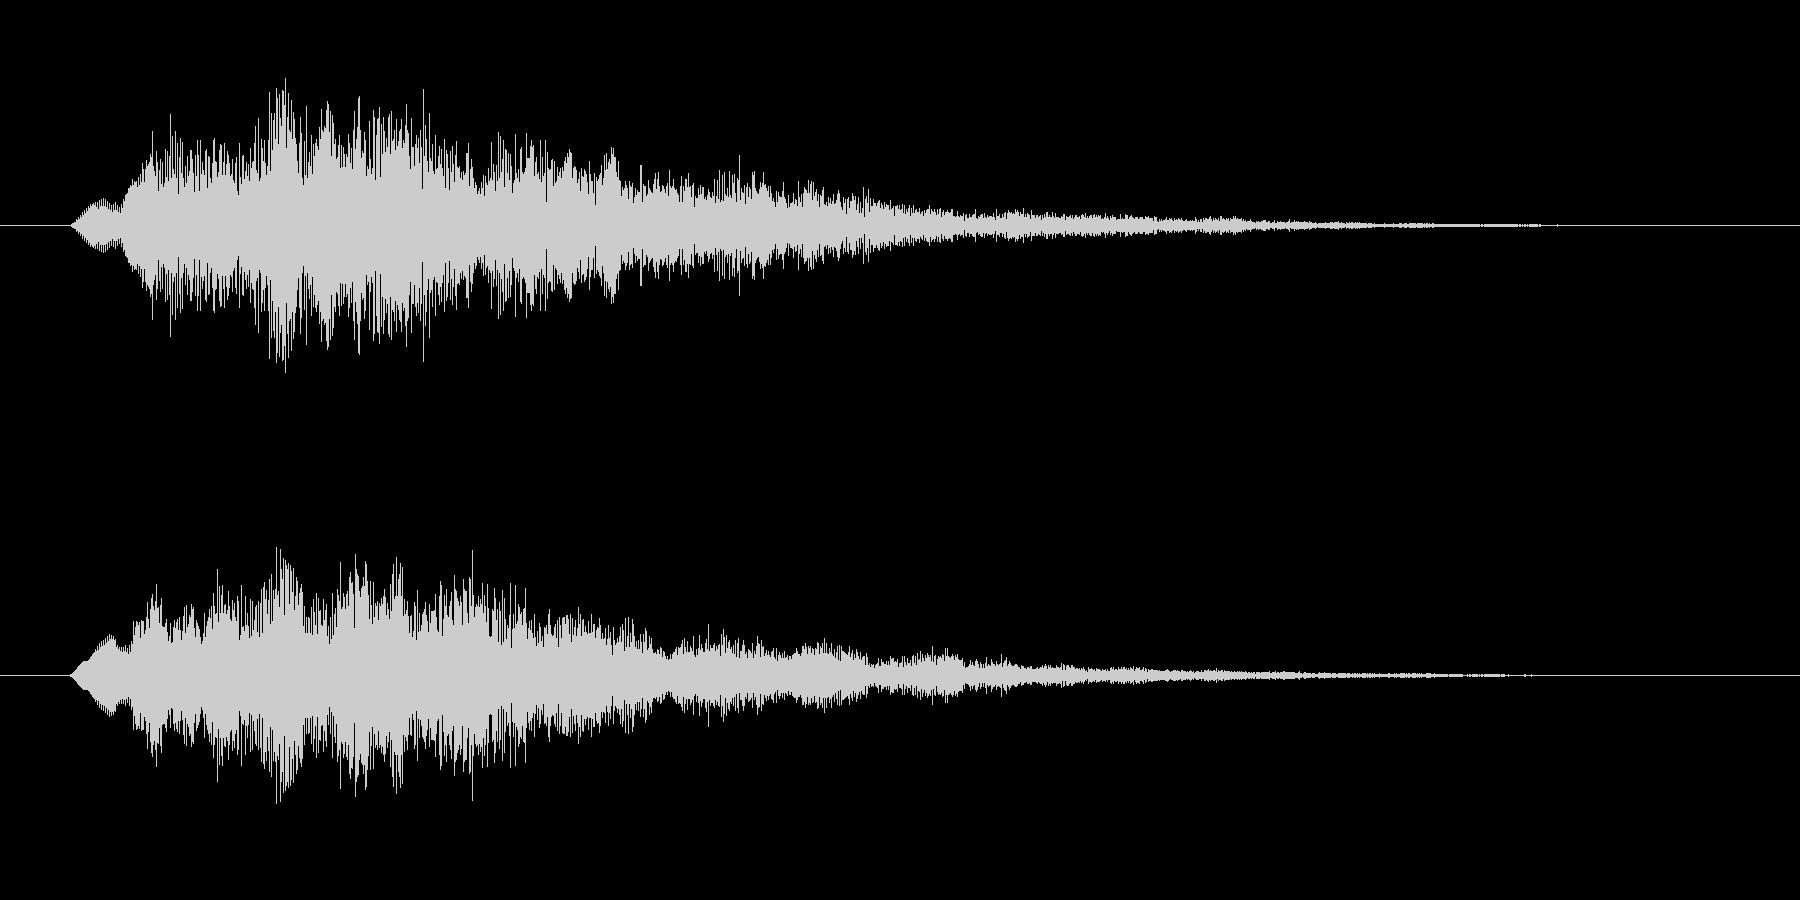 スタート・決定音・アイテムゲットなどにの未再生の波形